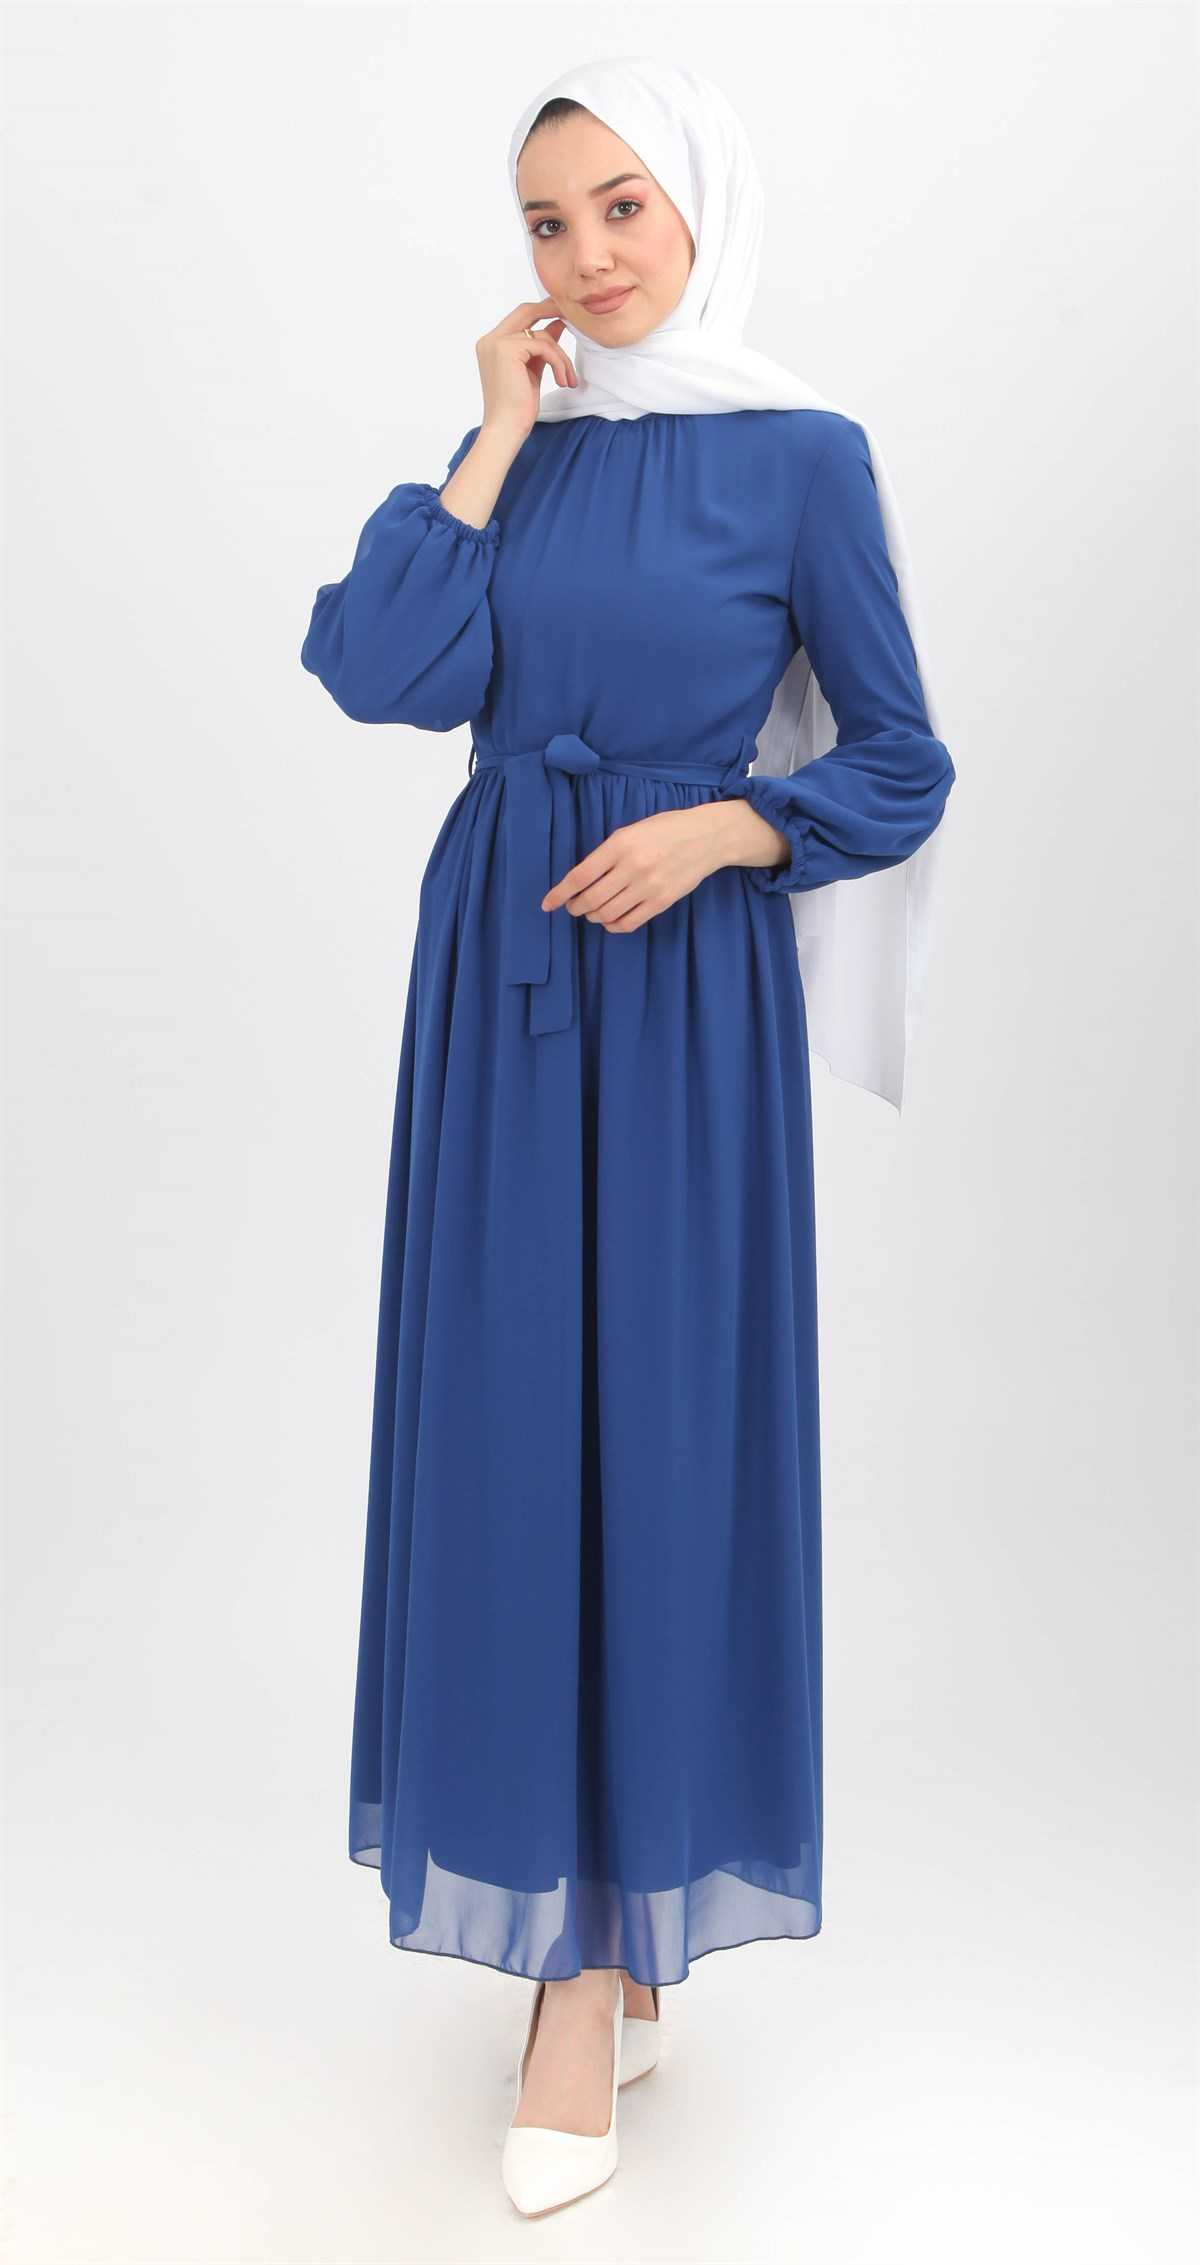 Şevval Giyim Tesettür Mavi Elbise Modelleri